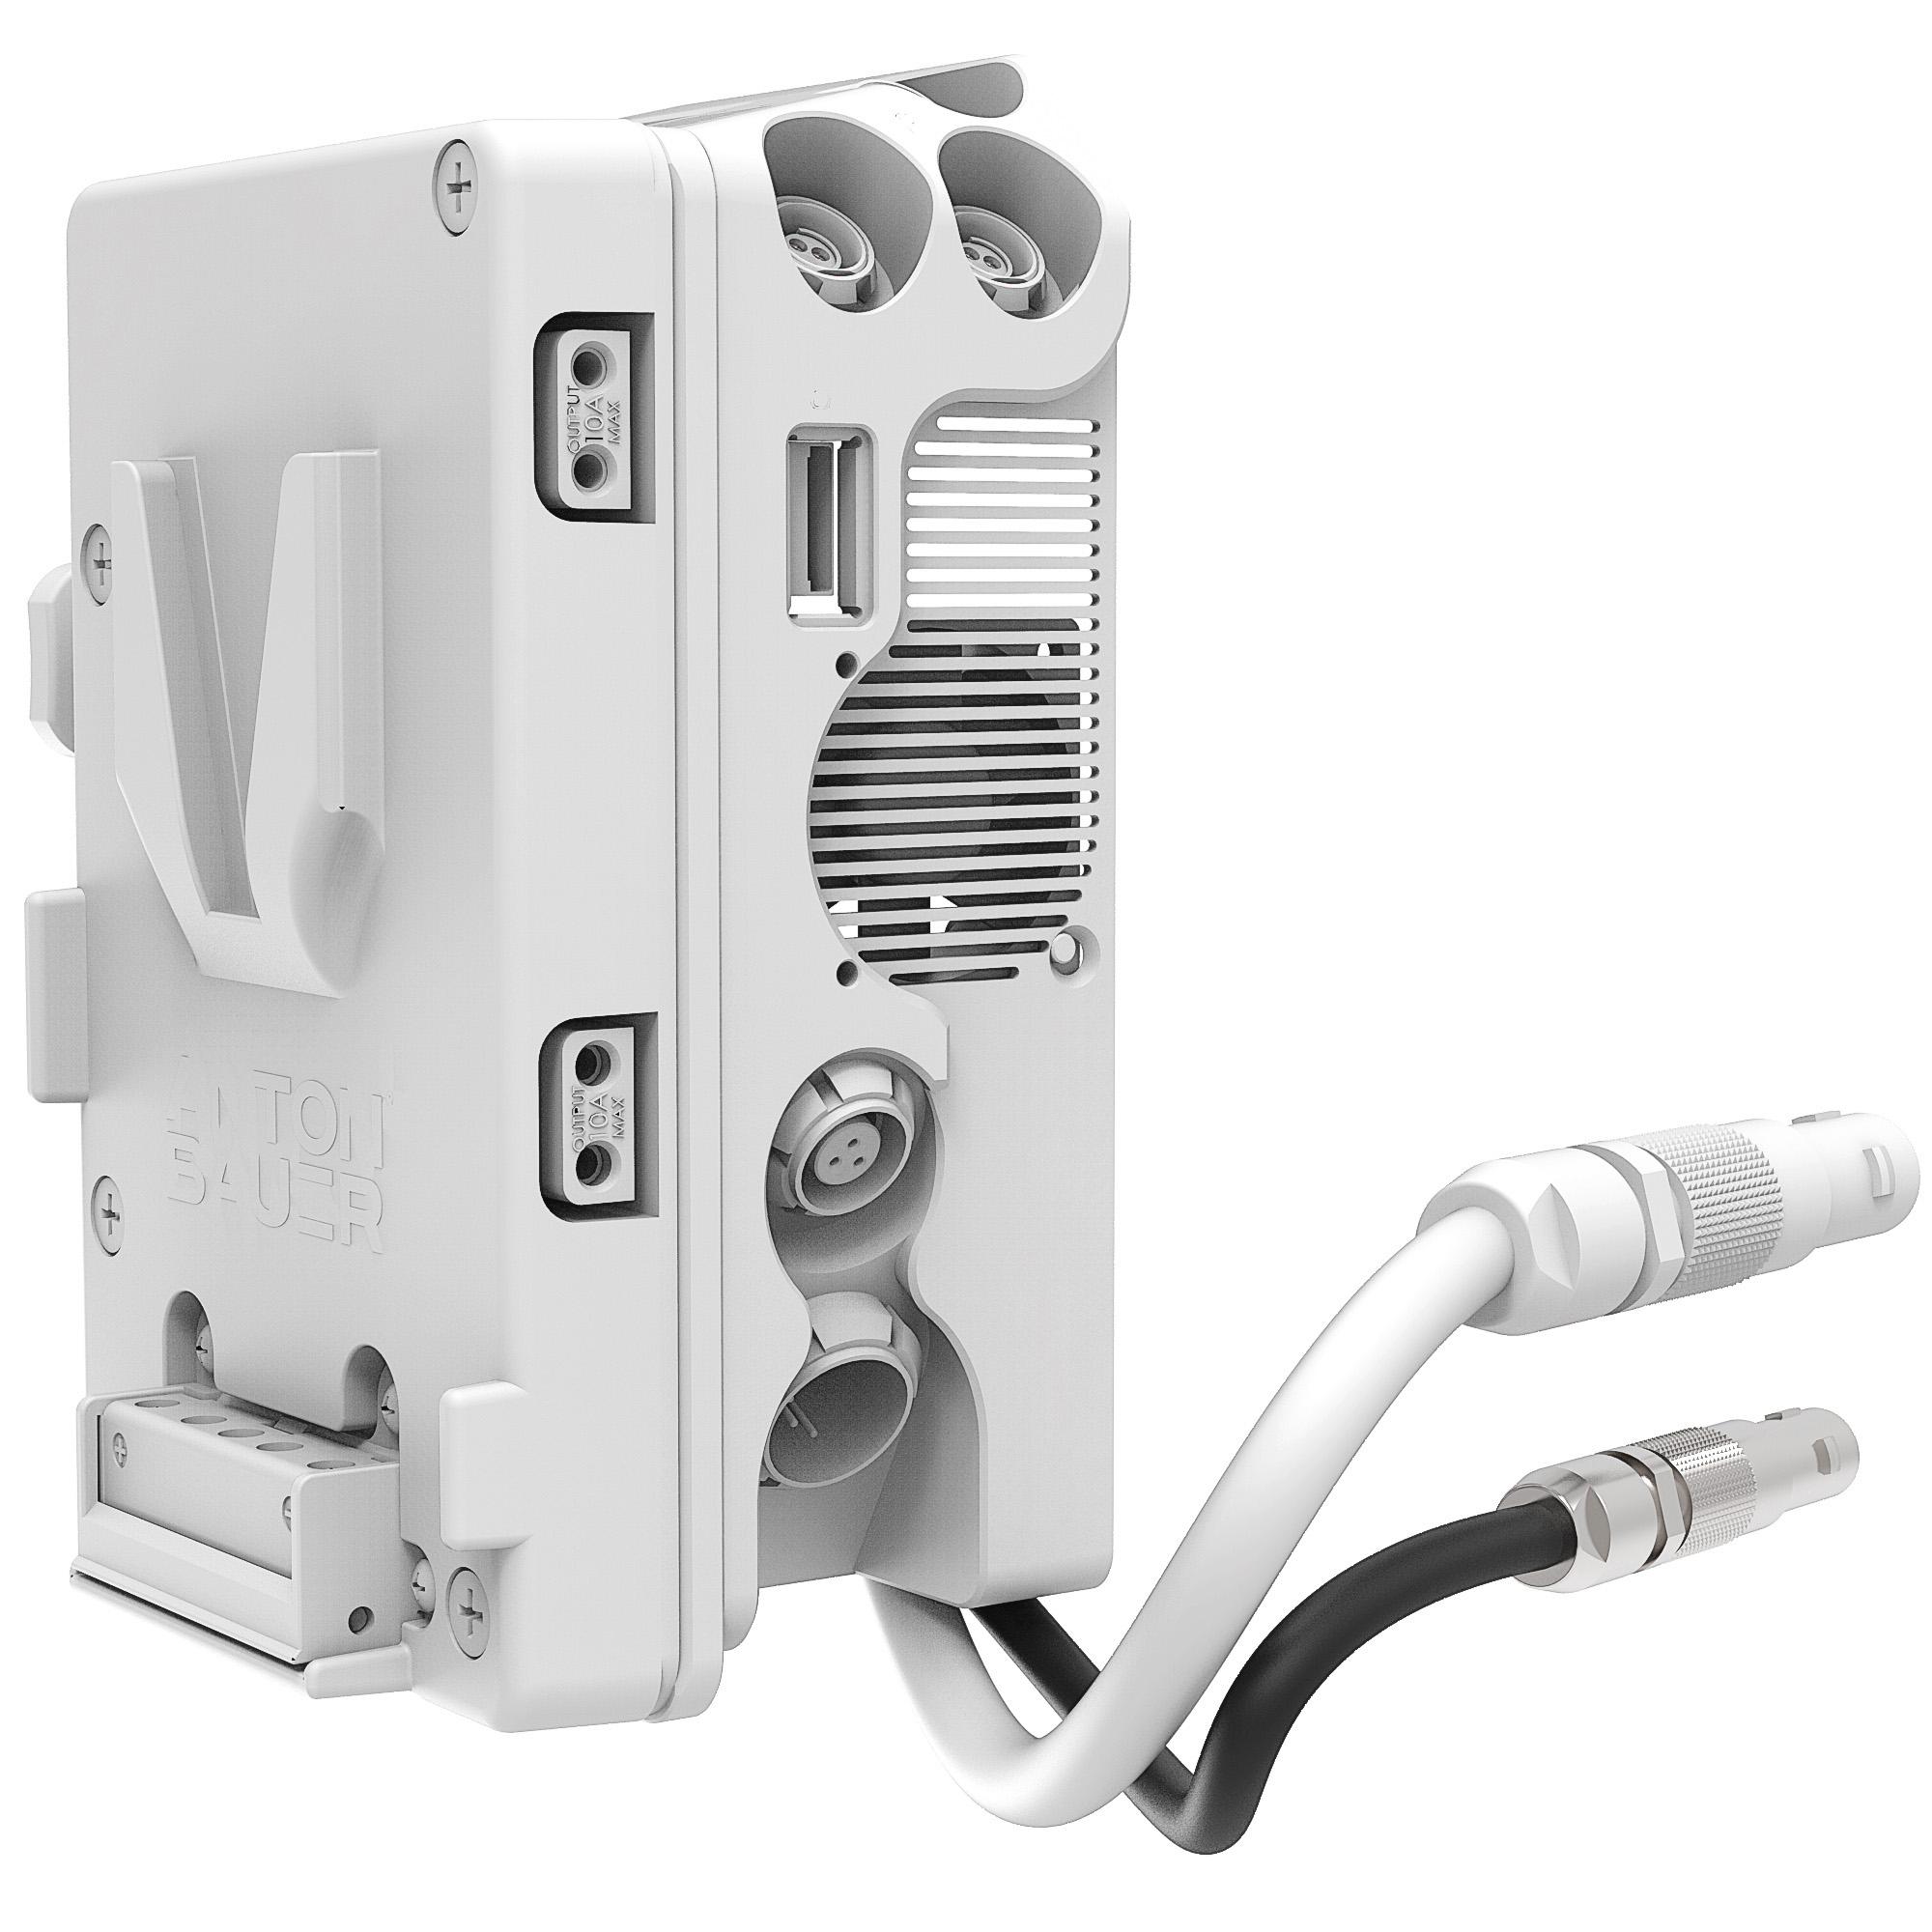 B4001.1010 Alexa Mini RunStop Trigger Cable 1